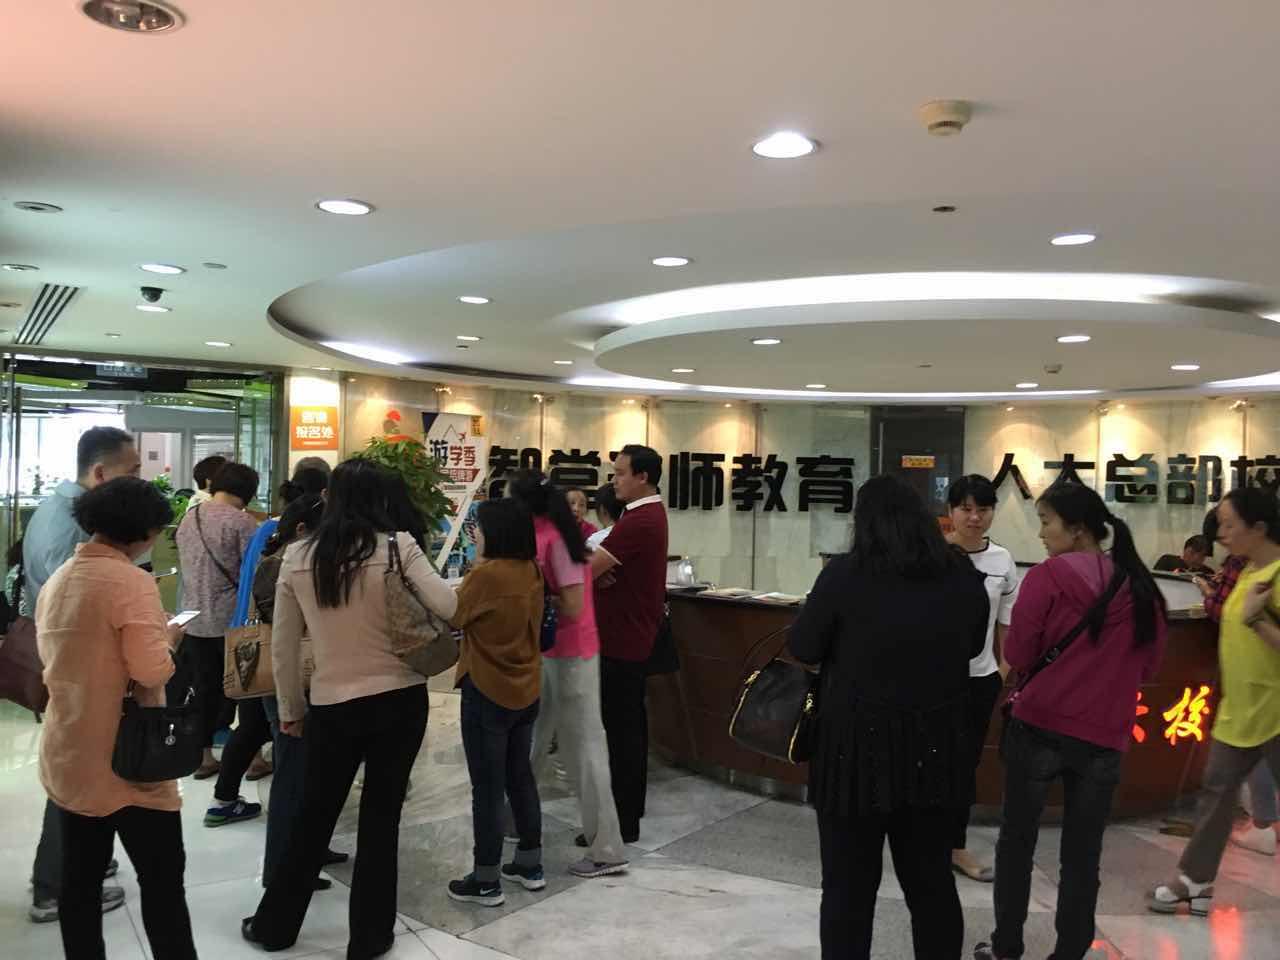 消息称聚智堂董事长携款跑路,执行总裁离职,家长讨说法